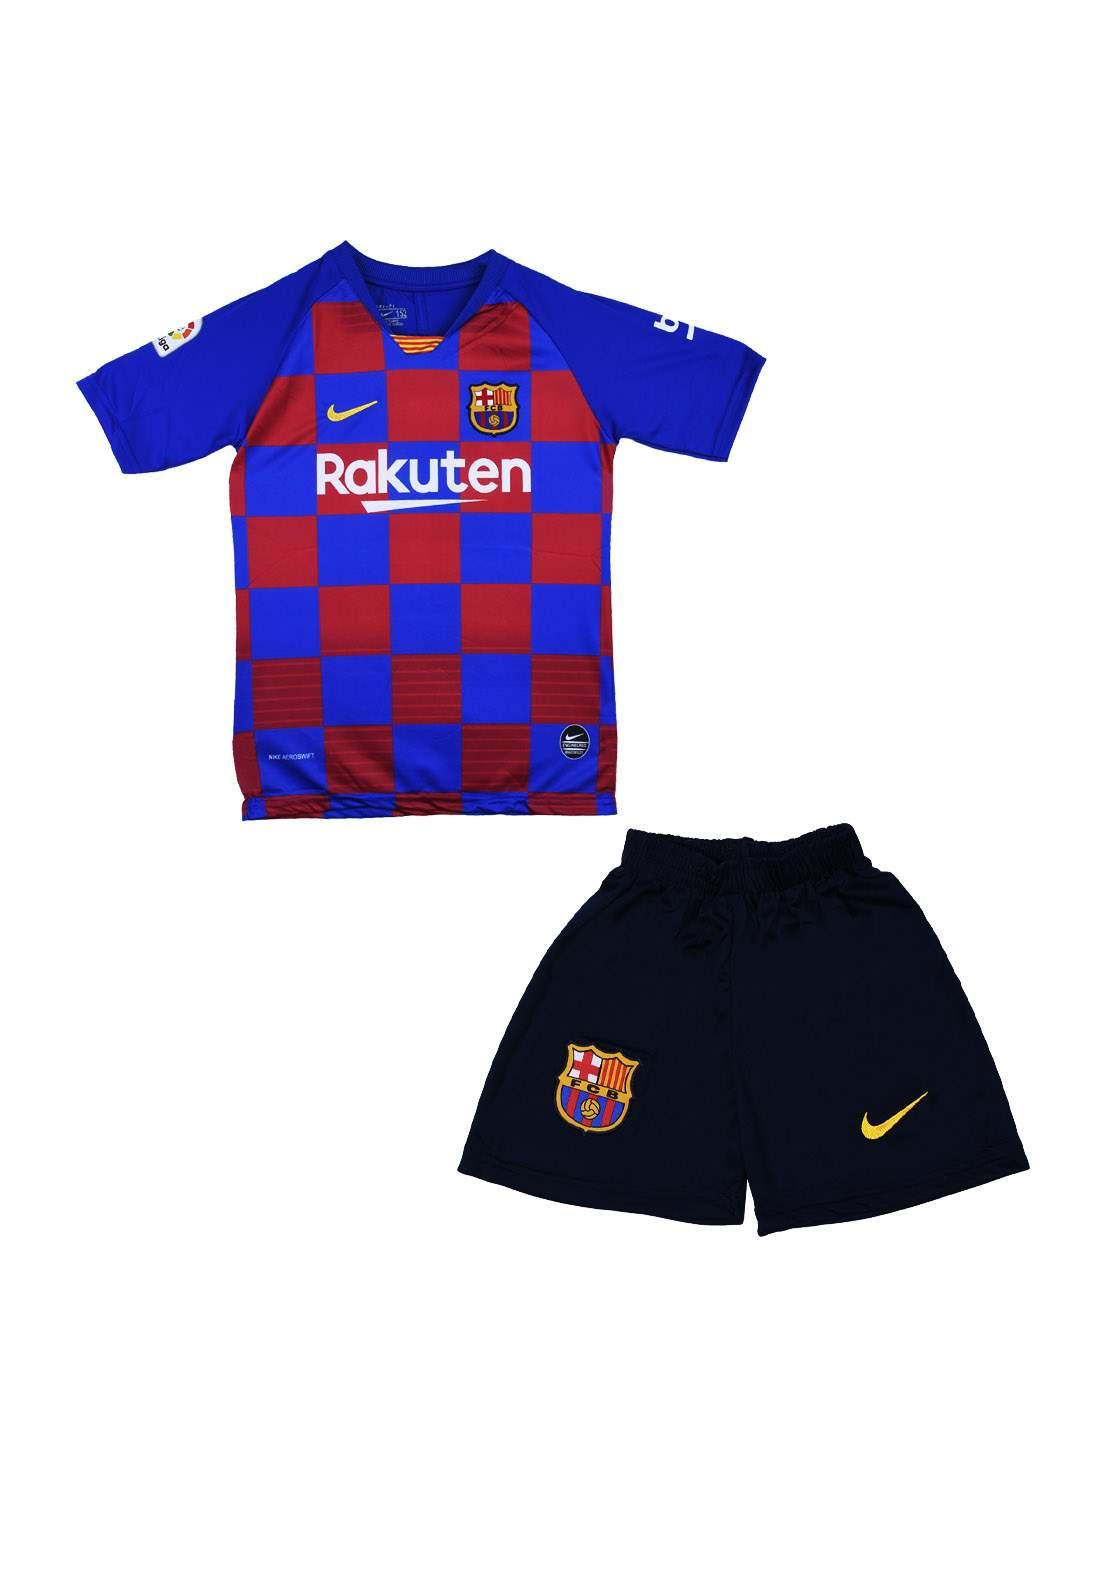 دريس رياضي ولادي فريق برشلونة ازرق اللون